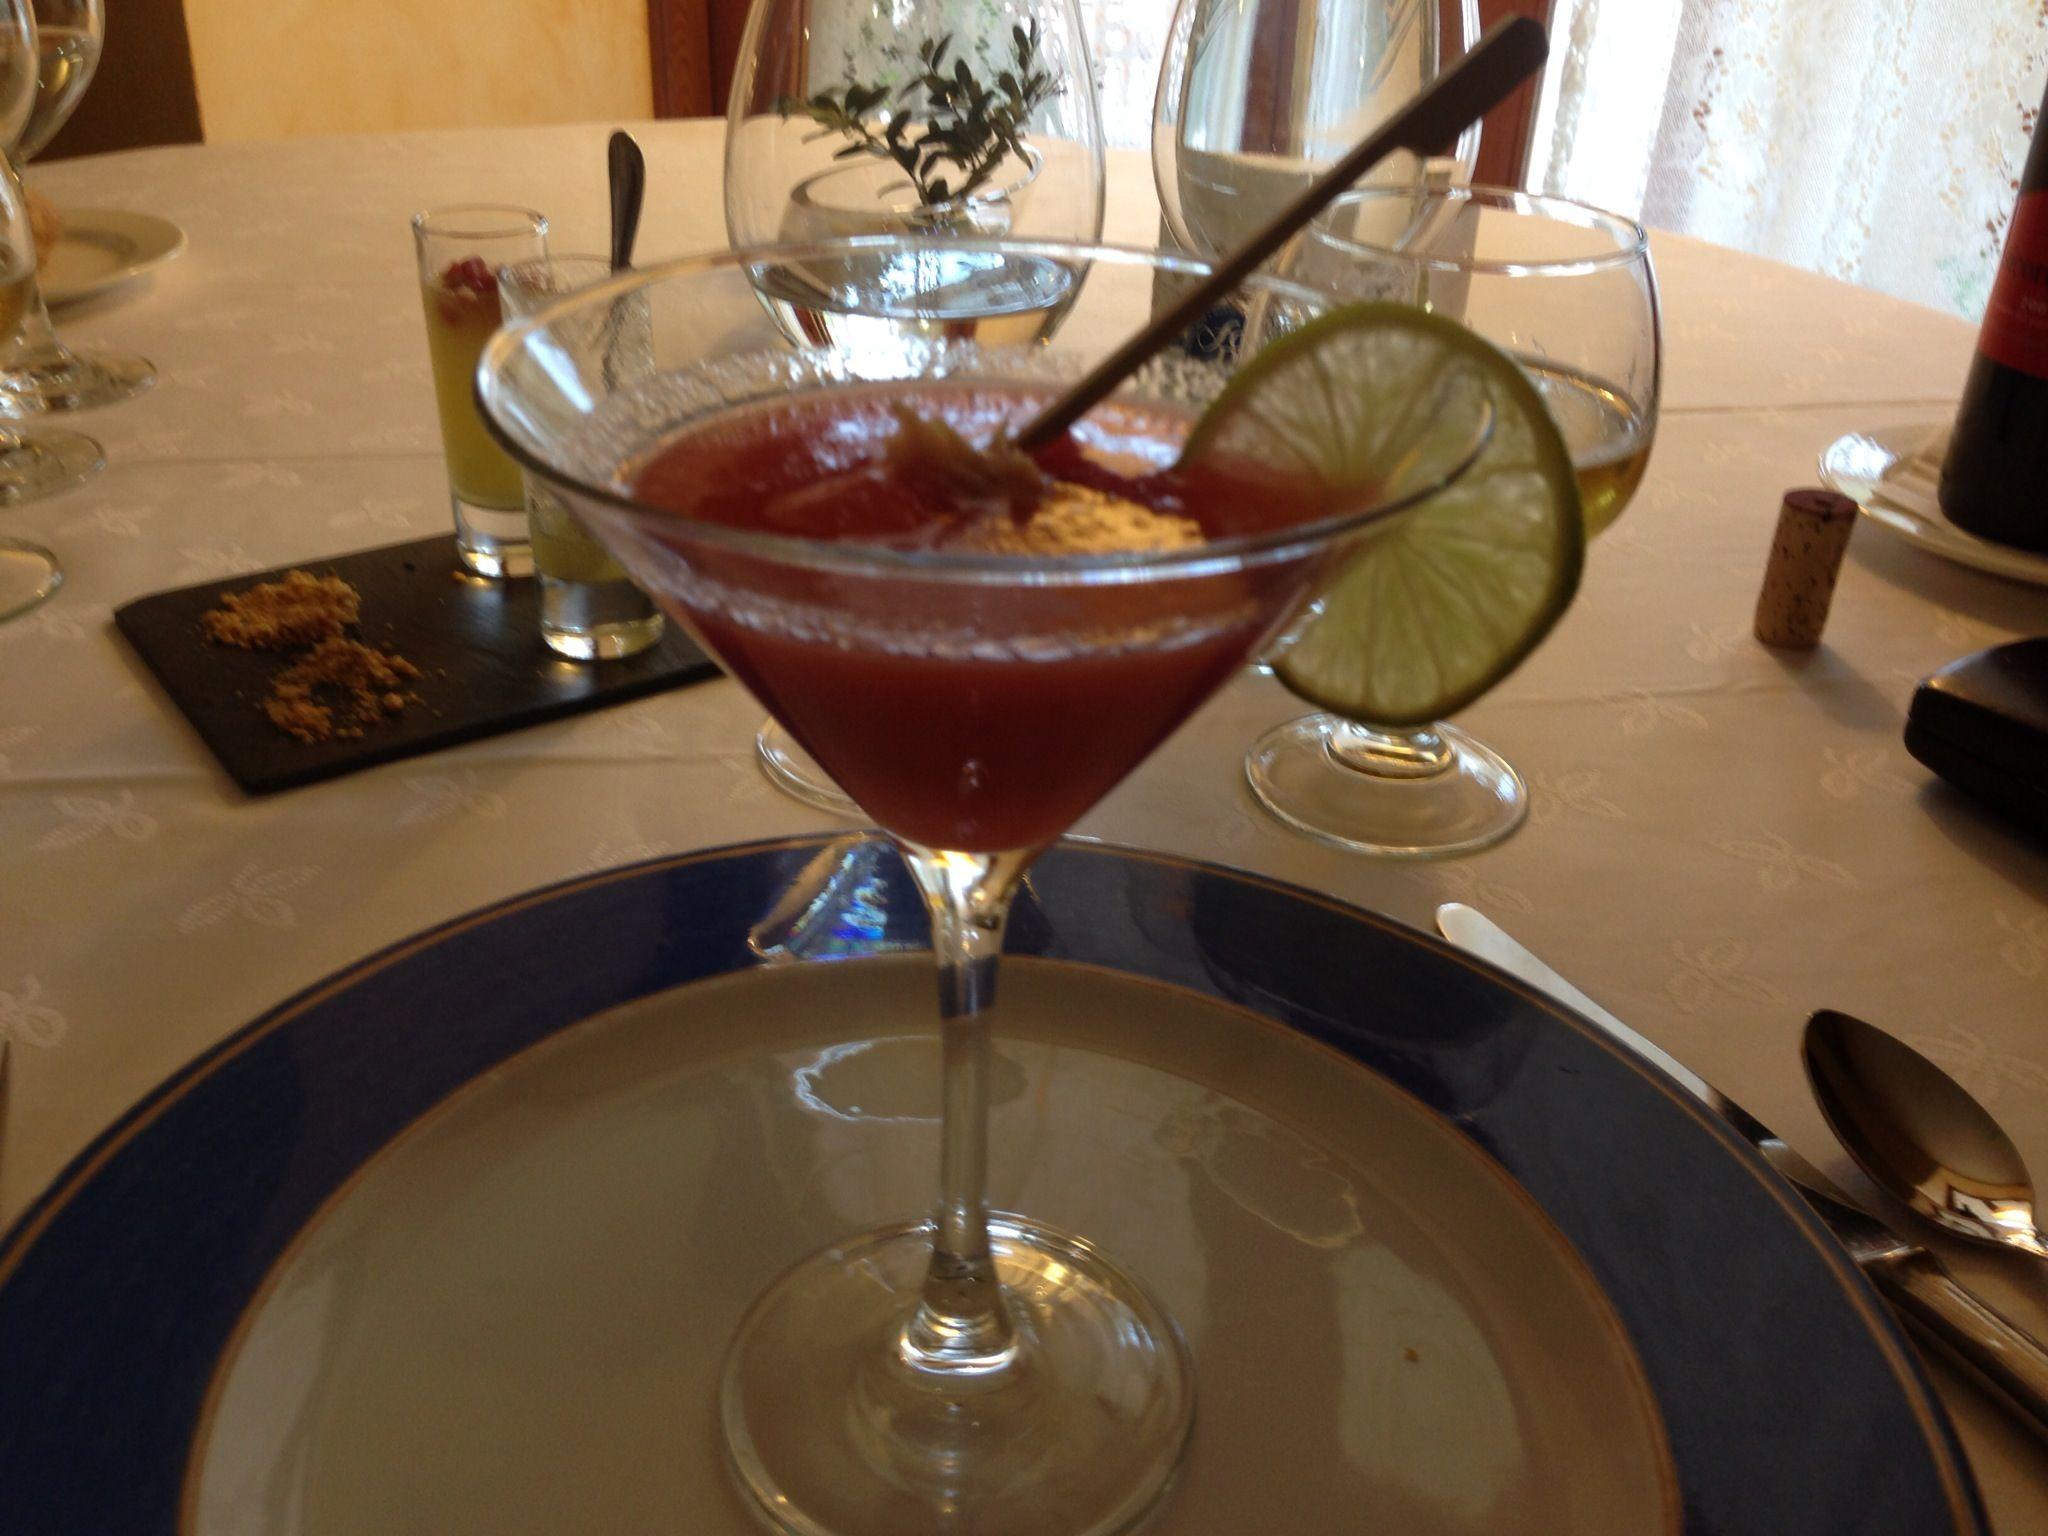 aperitiu: sopa de síndria i tomàquet, amb broqueta de síndria i ventresca de tonyina